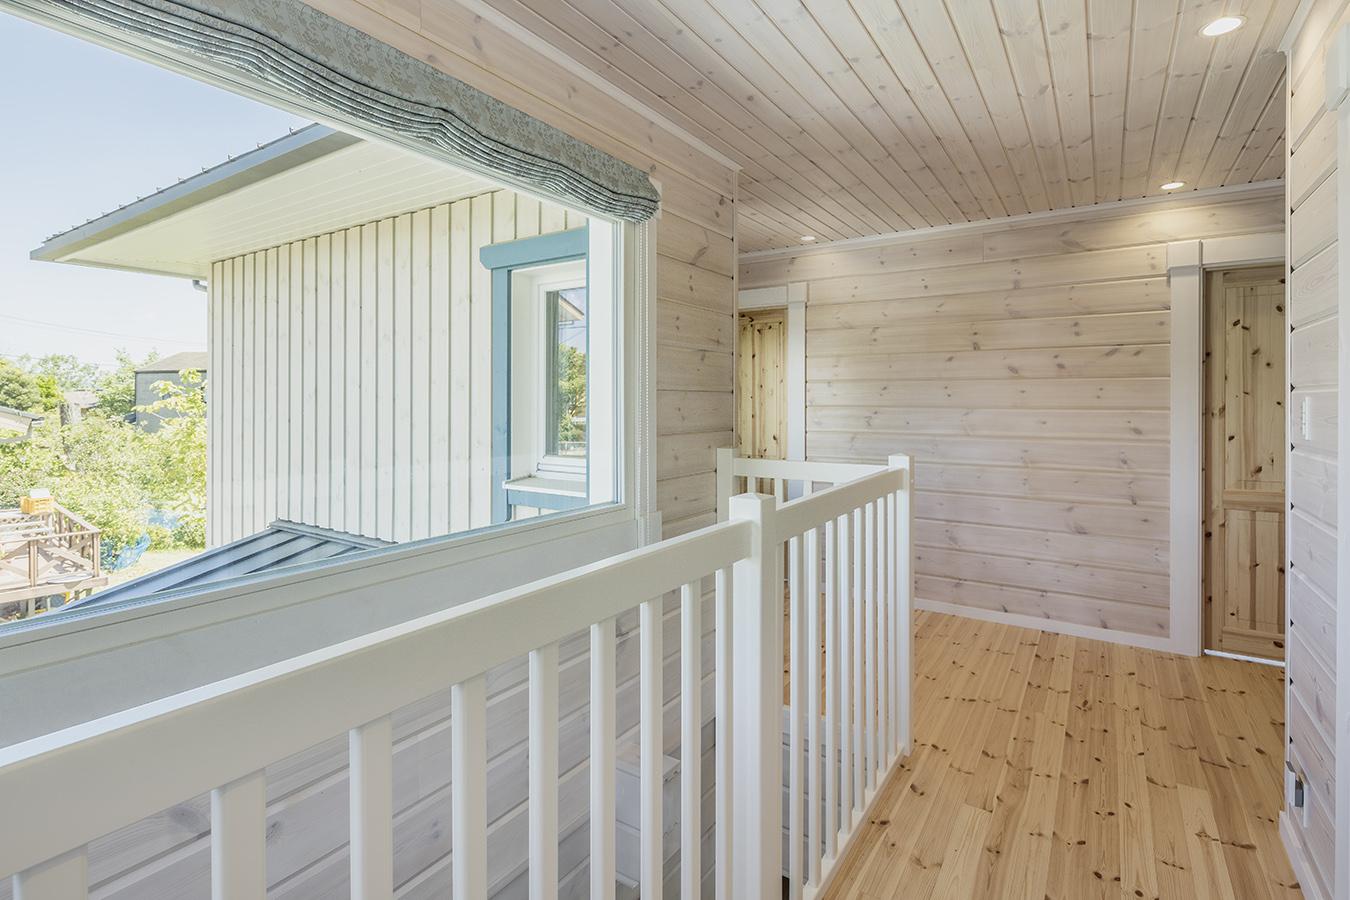 大きな窓を設け、明るい光と景色を堪能できるフリースペース。